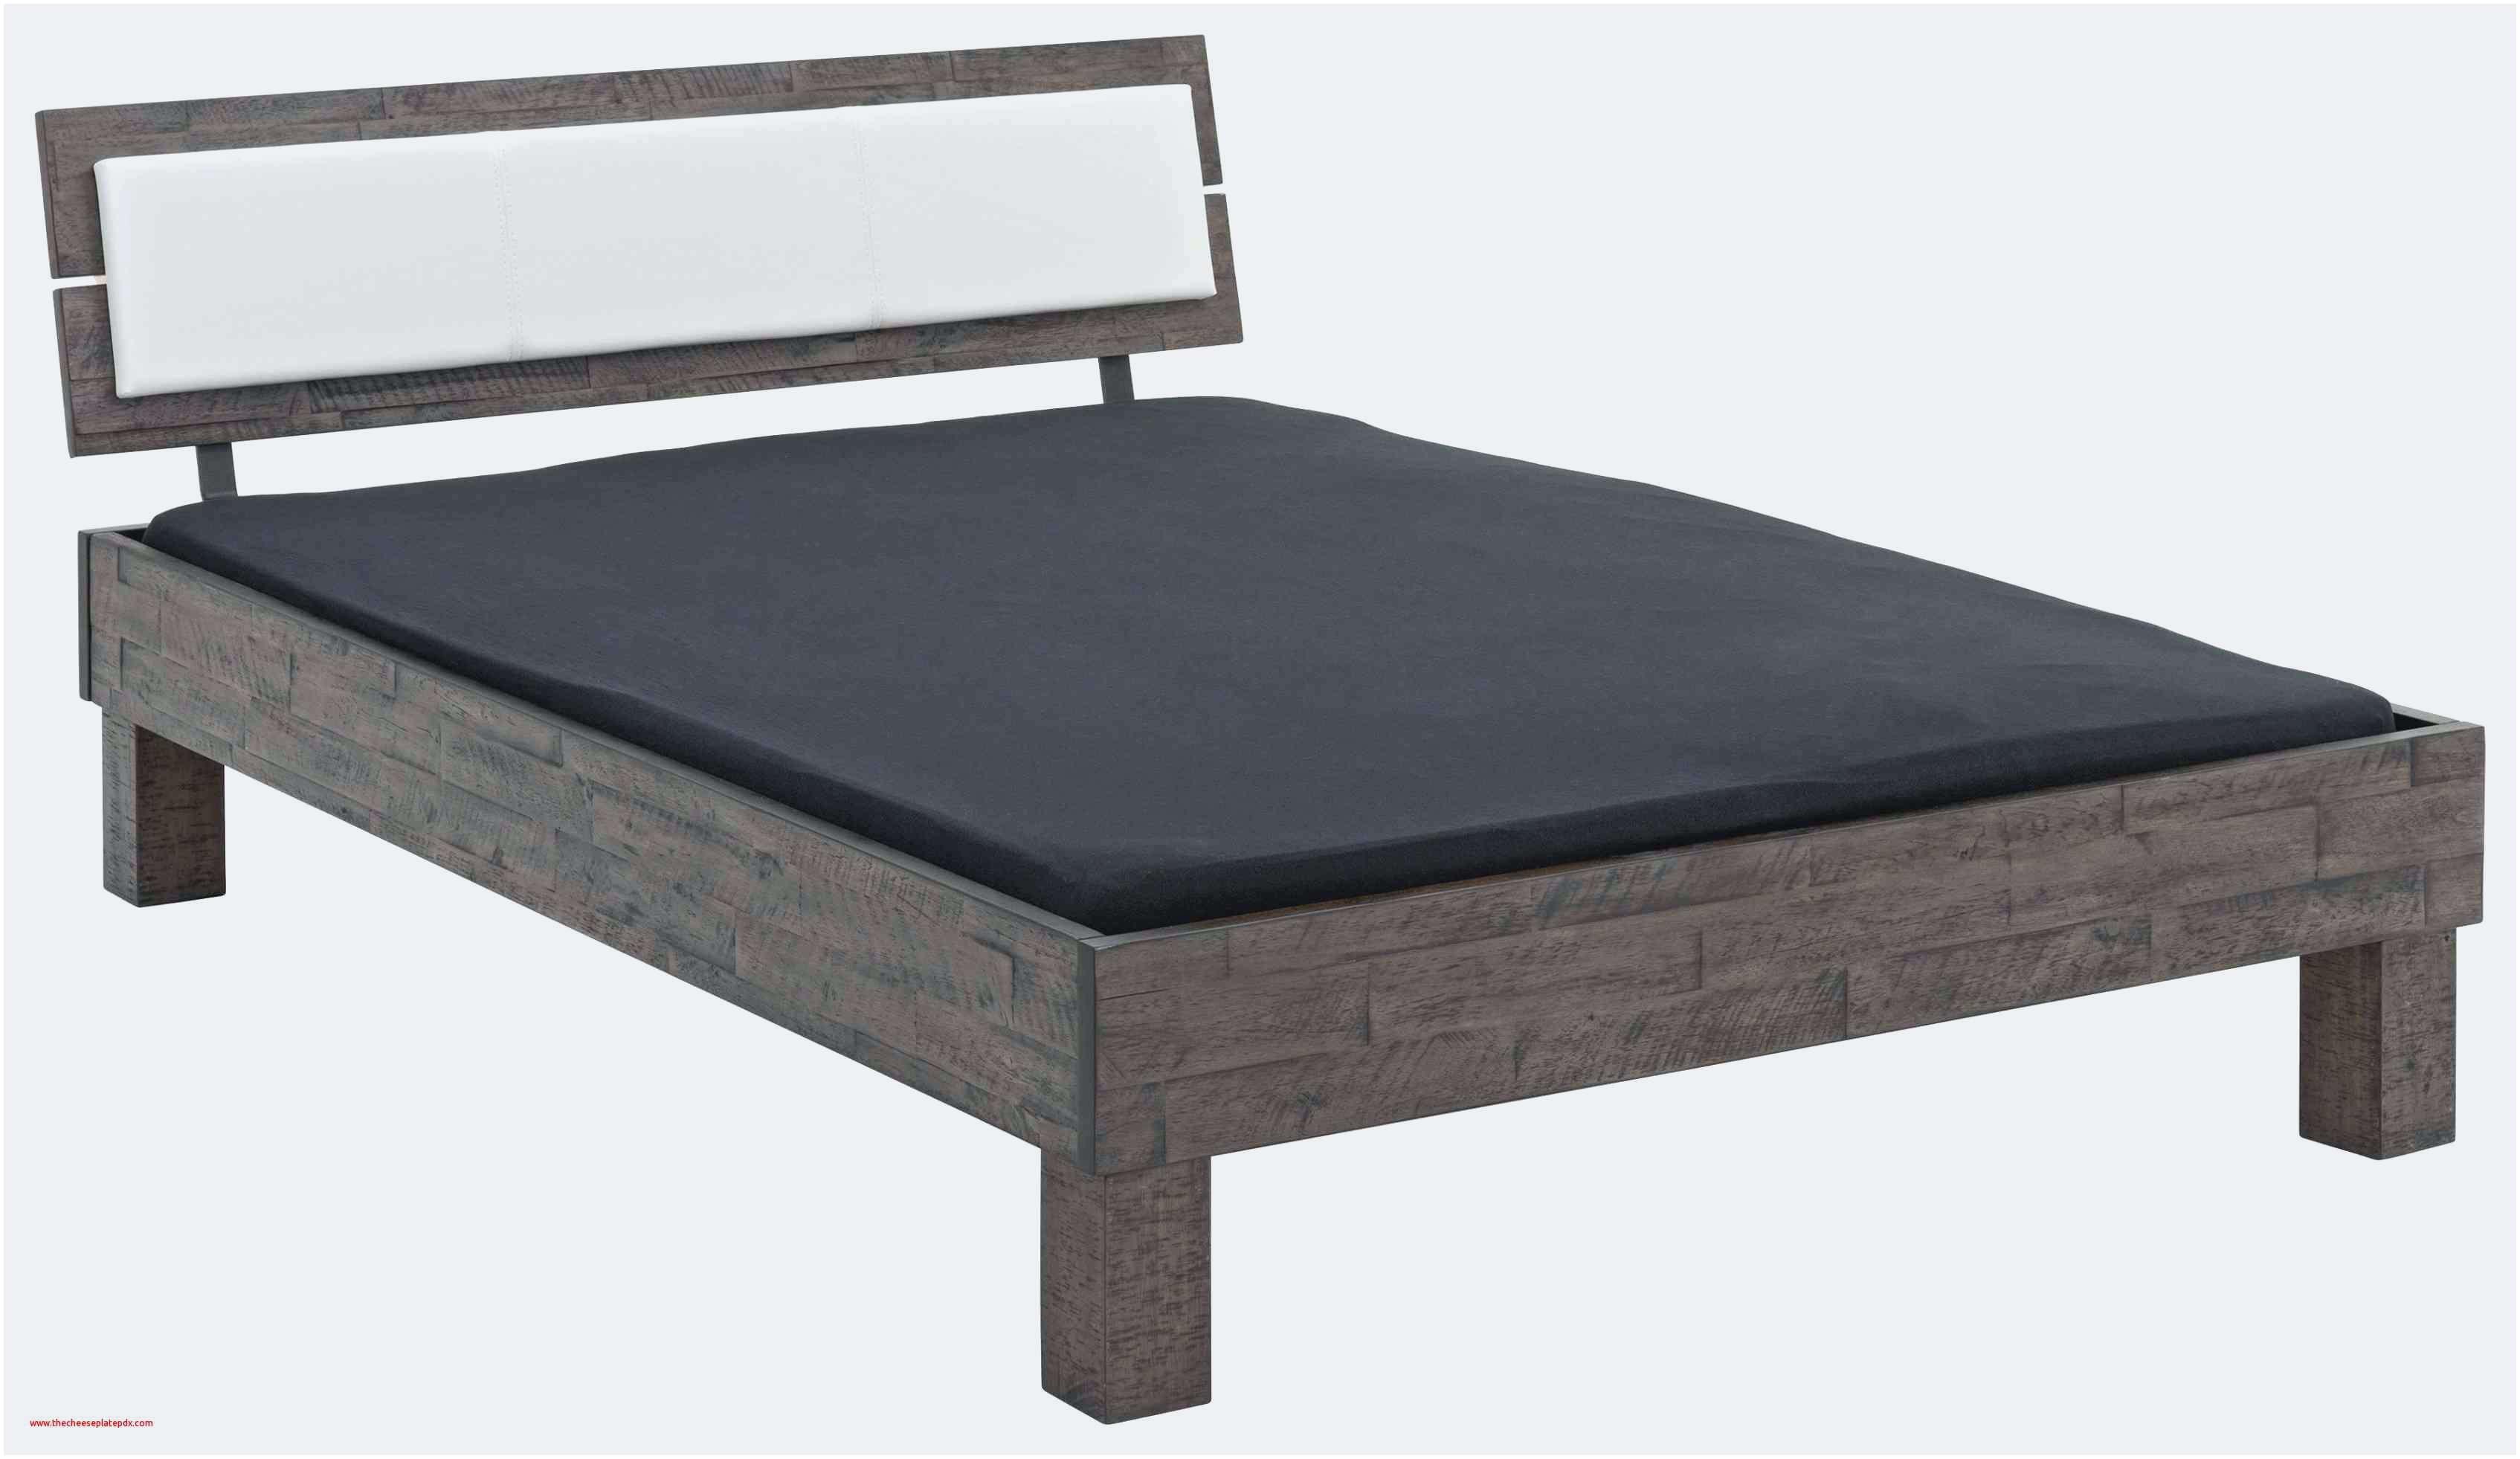 frais wood bed frames ikea unique futon exquisit doppel futon bett doppel pour alternative futon ikea